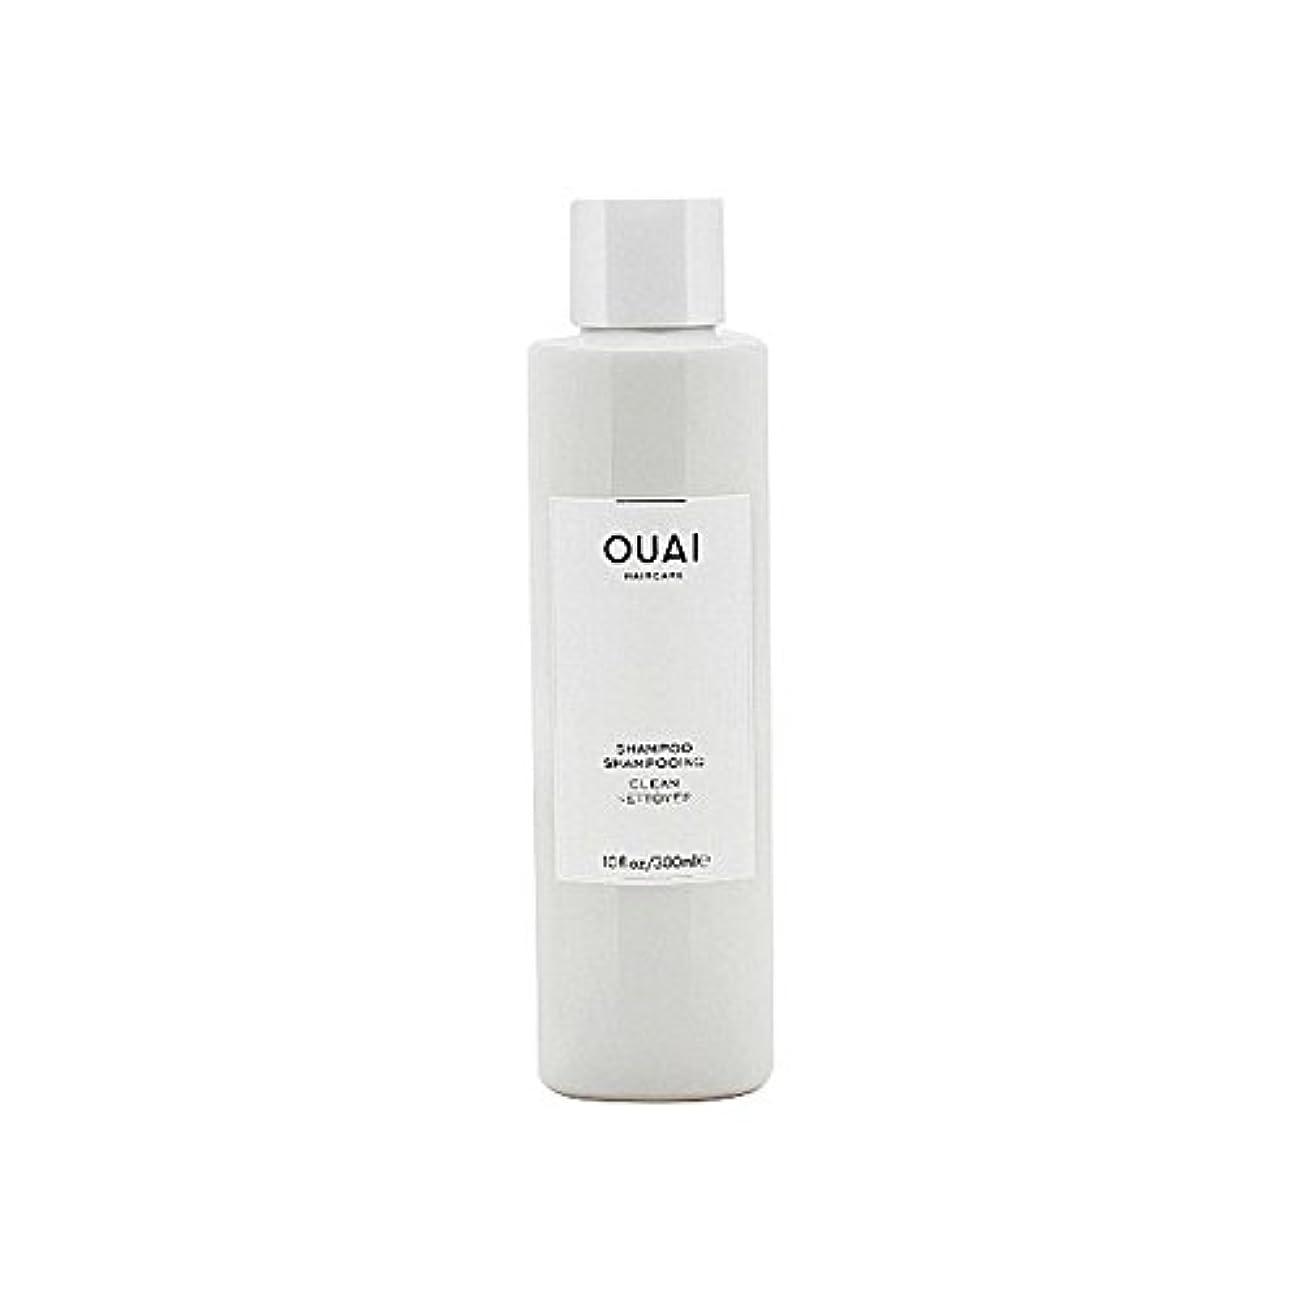 フラップサーフィン黄ばむクリーンシャンプー300ミリリットル x4 - Ouai Clean Shampoo 300ml (Pack of 4) [並行輸入品]